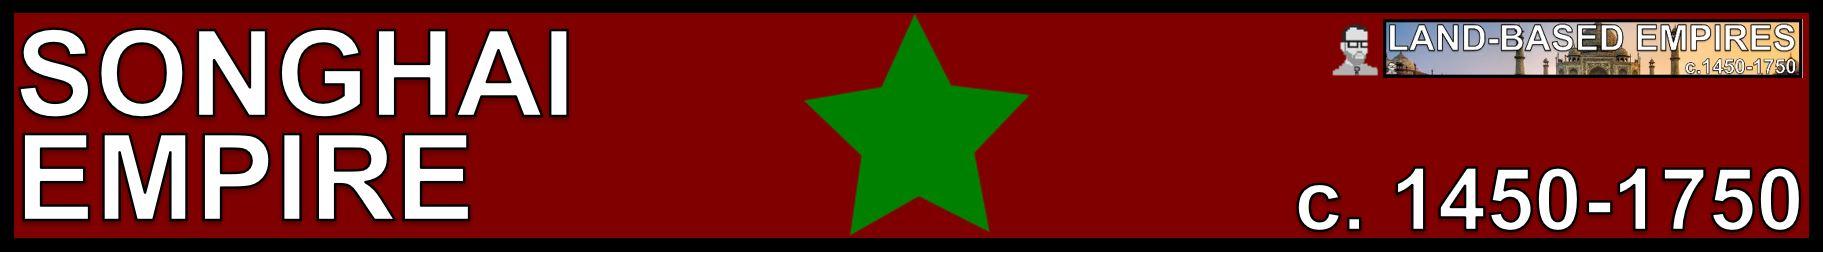 SONGHAI BANNER LAND BASED EMPIRES AP WORLD HISTORY FREEMANPEDIA.JPG